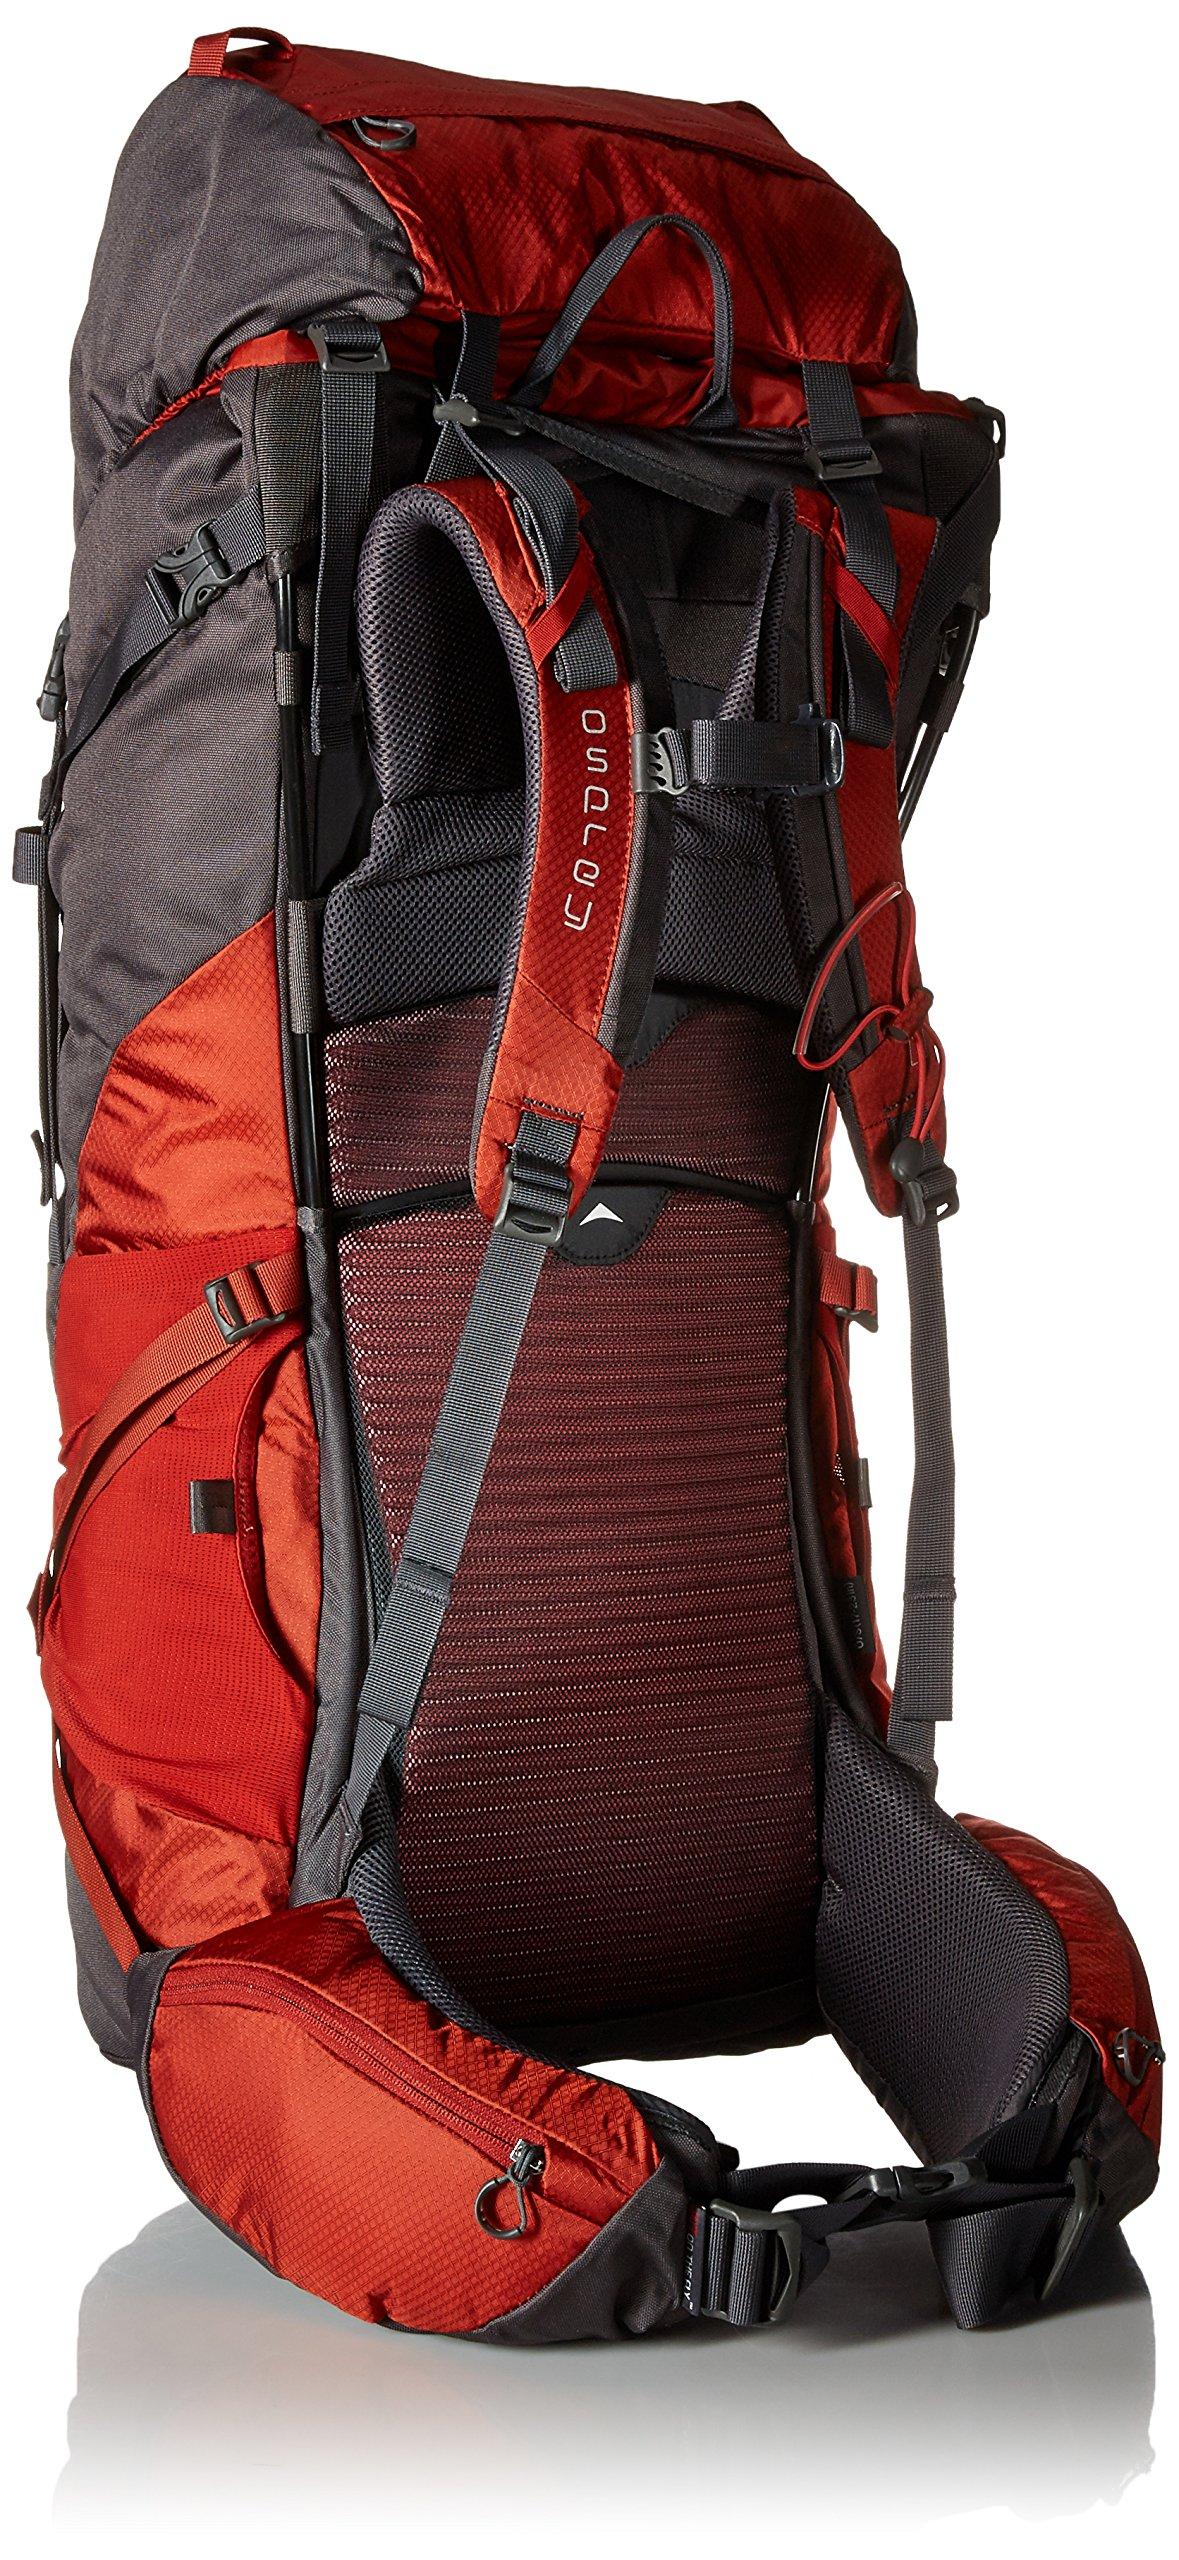 Osprey Packs Volt 60 Backpack, Carmine Red